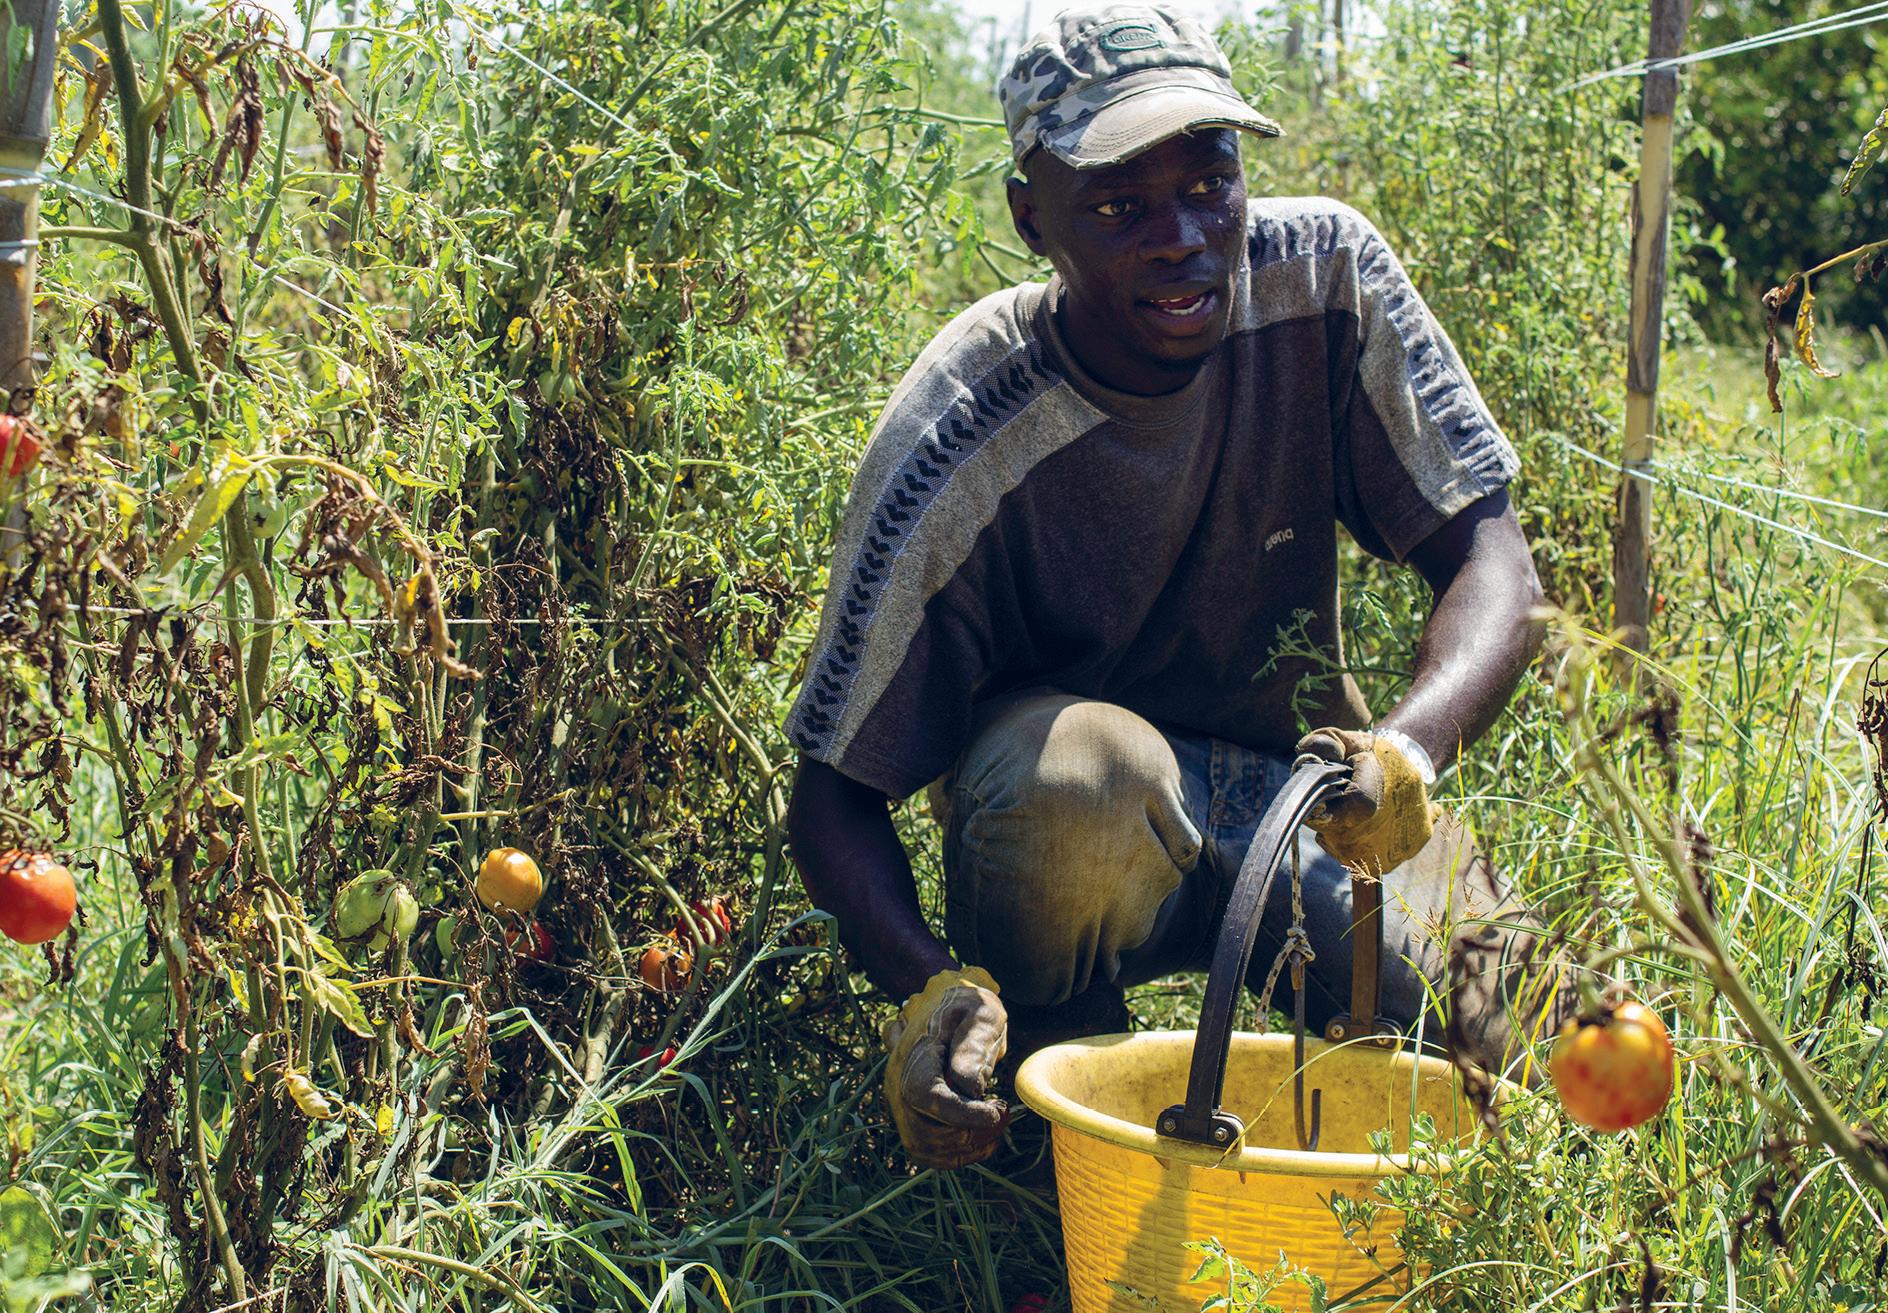 Senegalilainen Mohamed Niang tuli Italiaan veljensä perässä. Kotimaassa häntä kaipaavat vaimo ja kaksi lasta, joille hän lähettää rahaa kuukausittain.